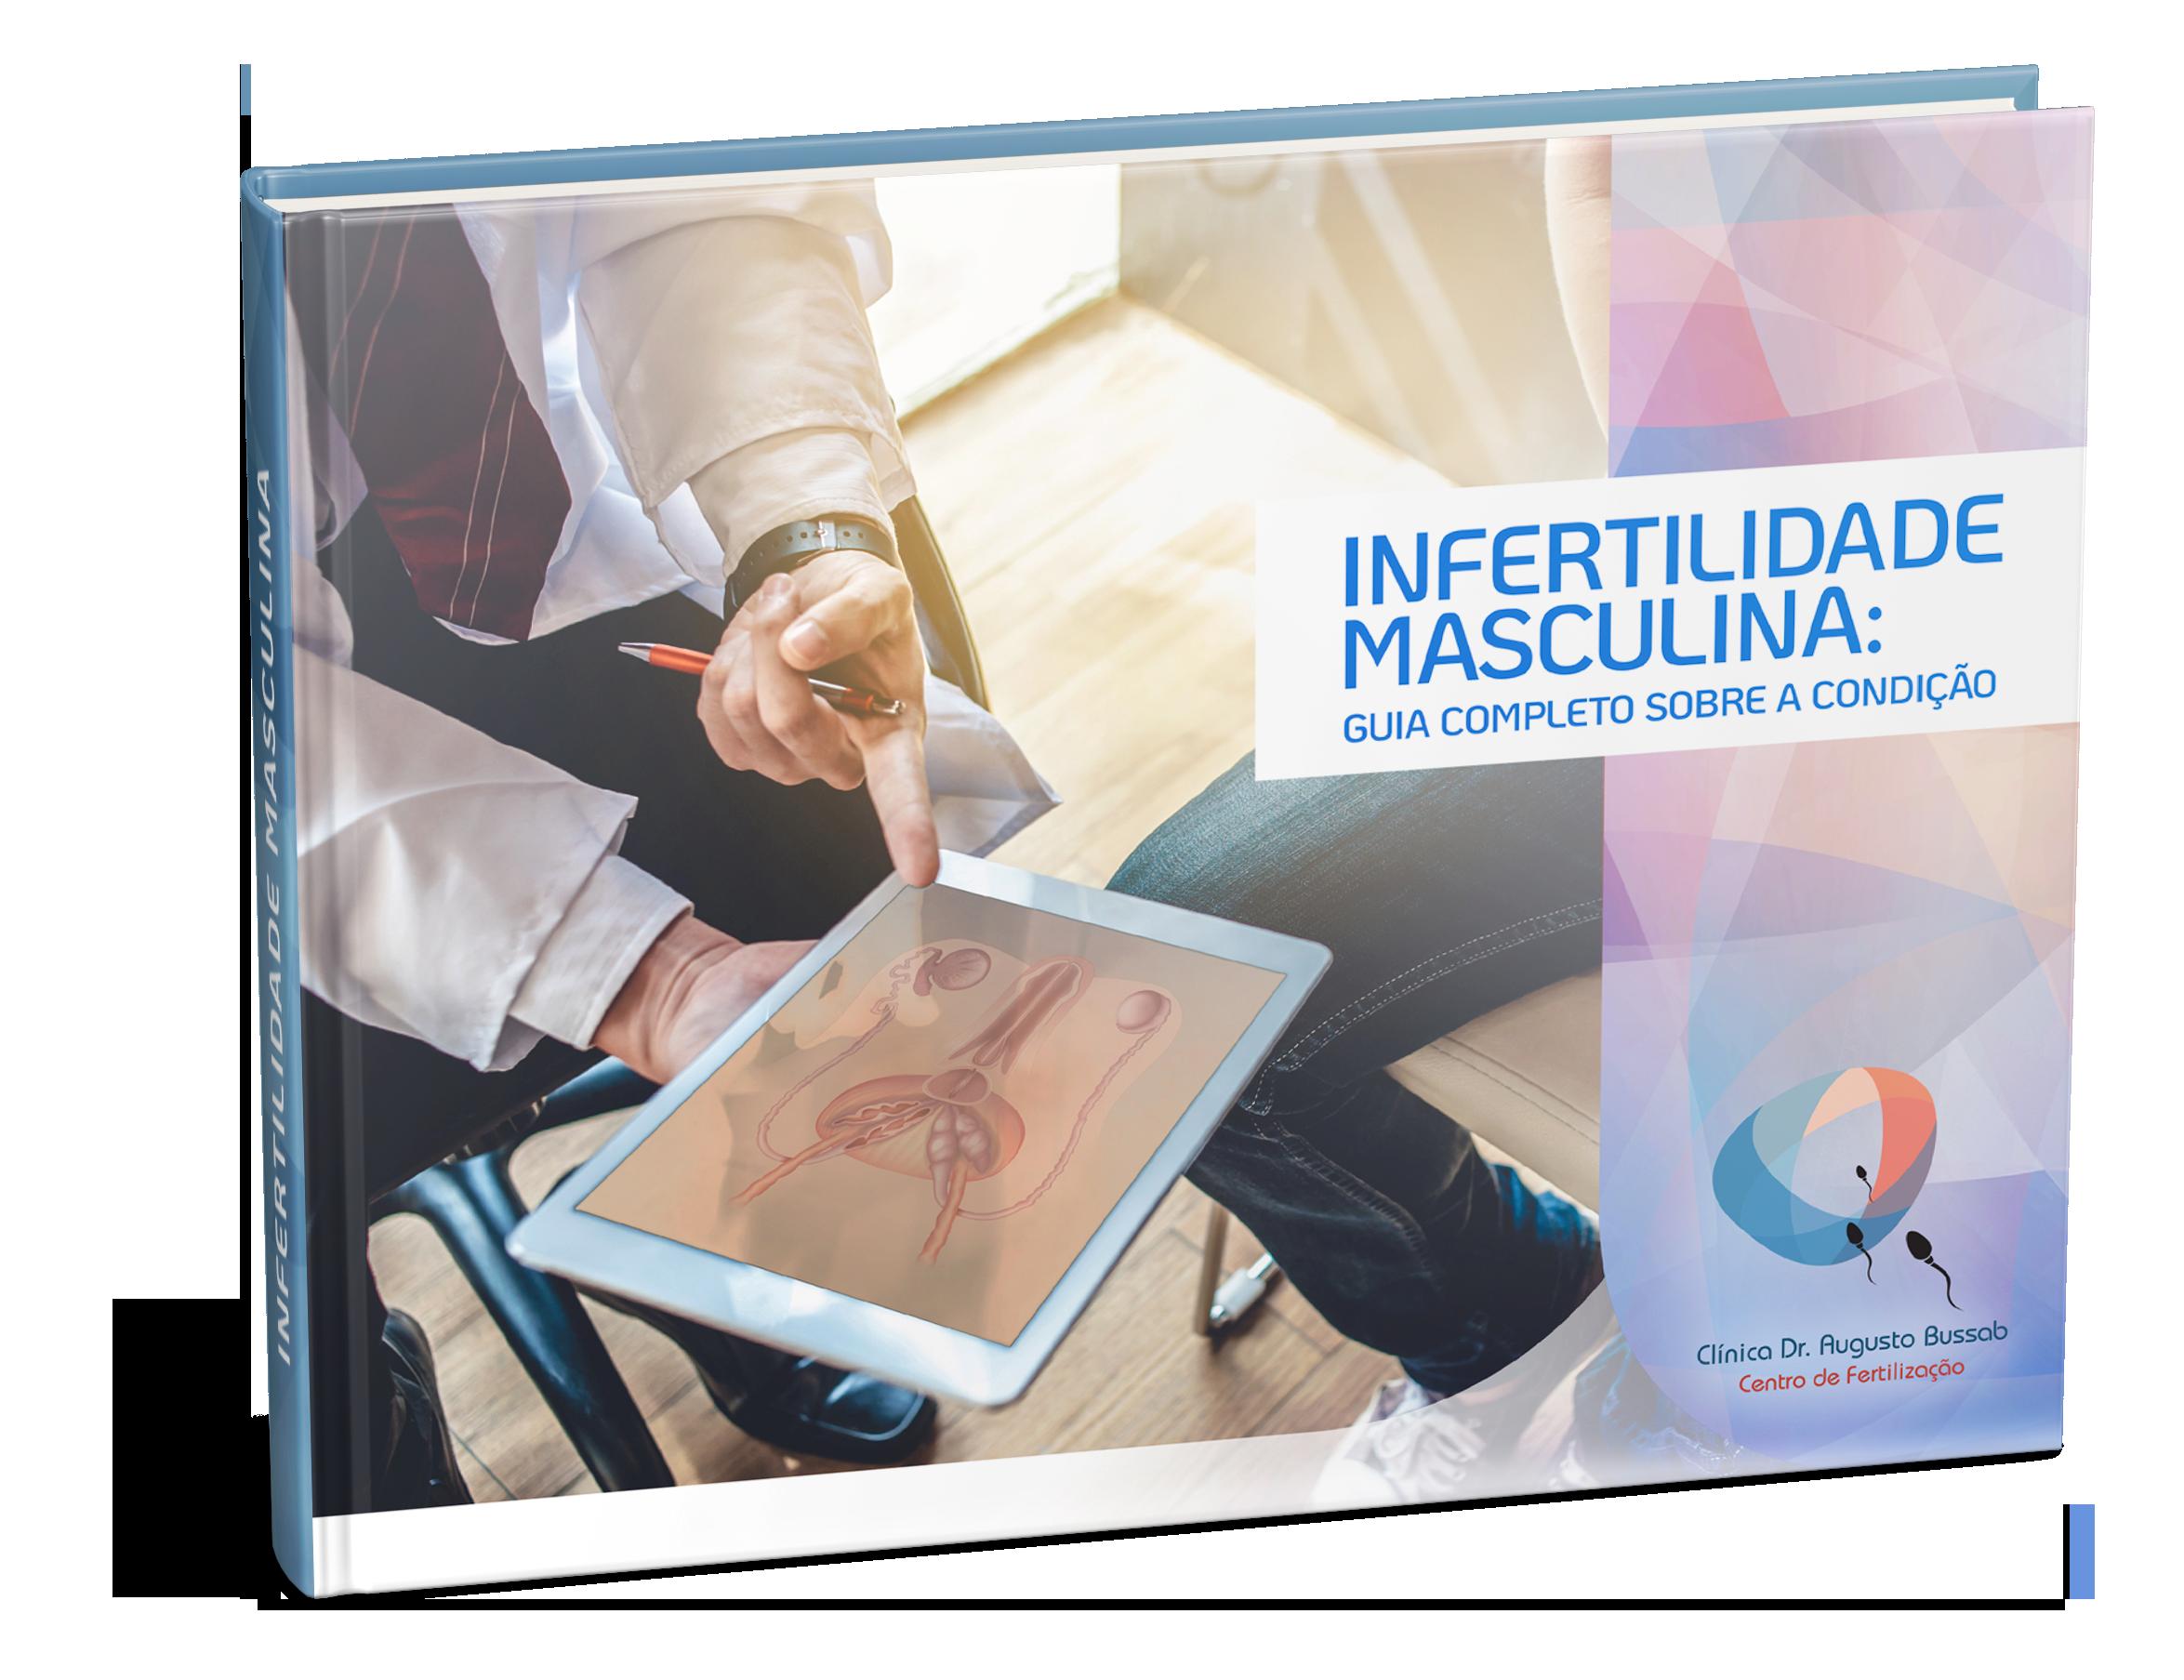 E-book | Infertilidade Masculina: guia completo sobre a condição | Dr. Augusto Bussab